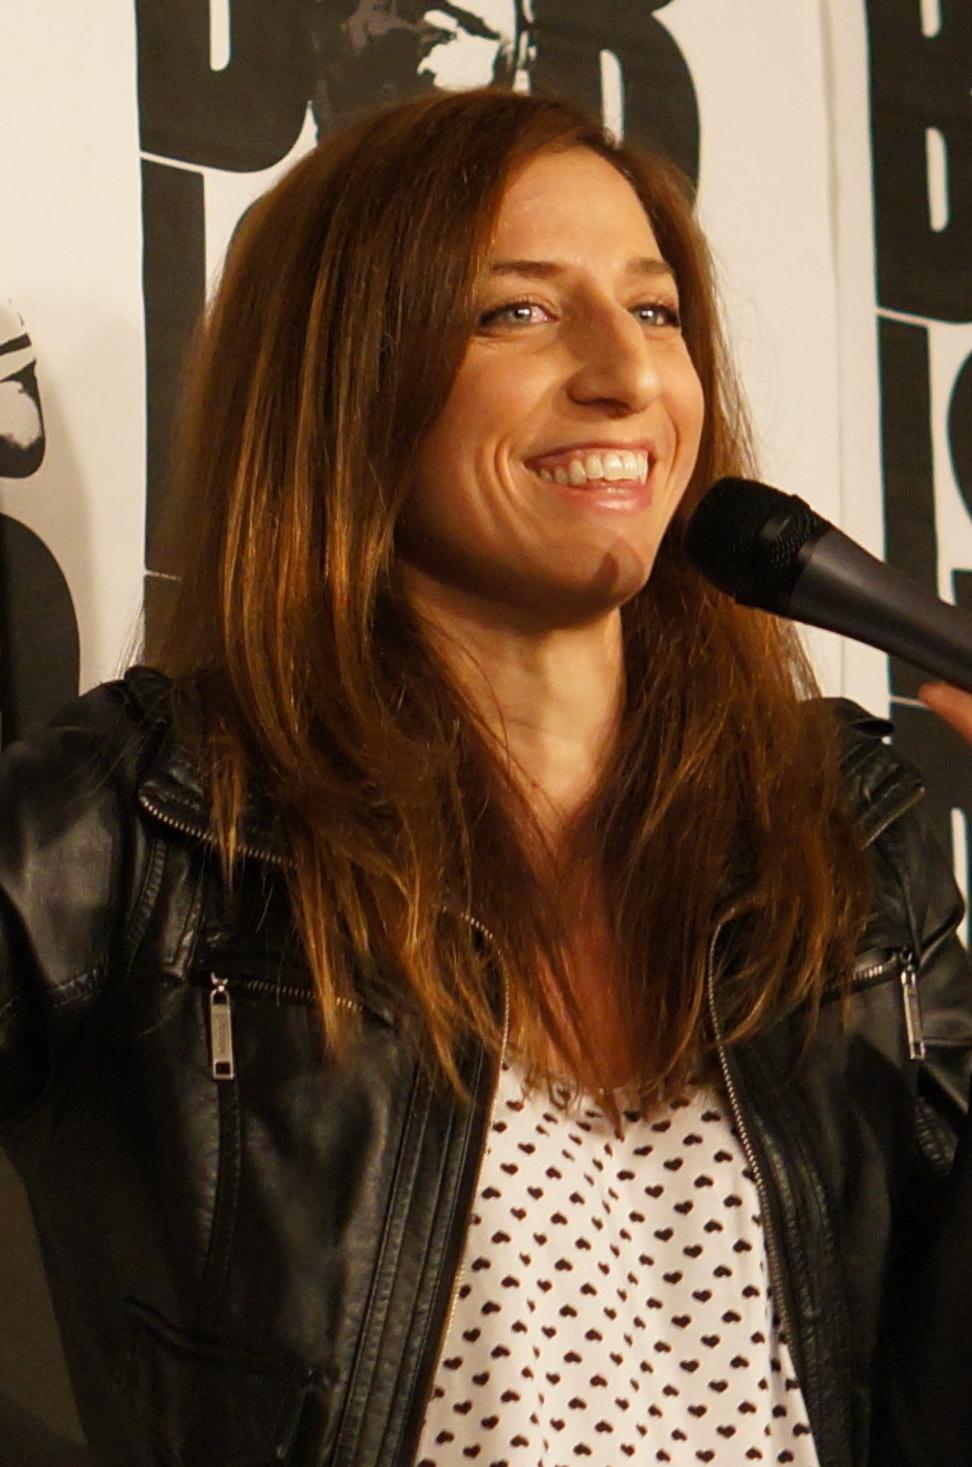 Chelsea Peretti - Wikipedia